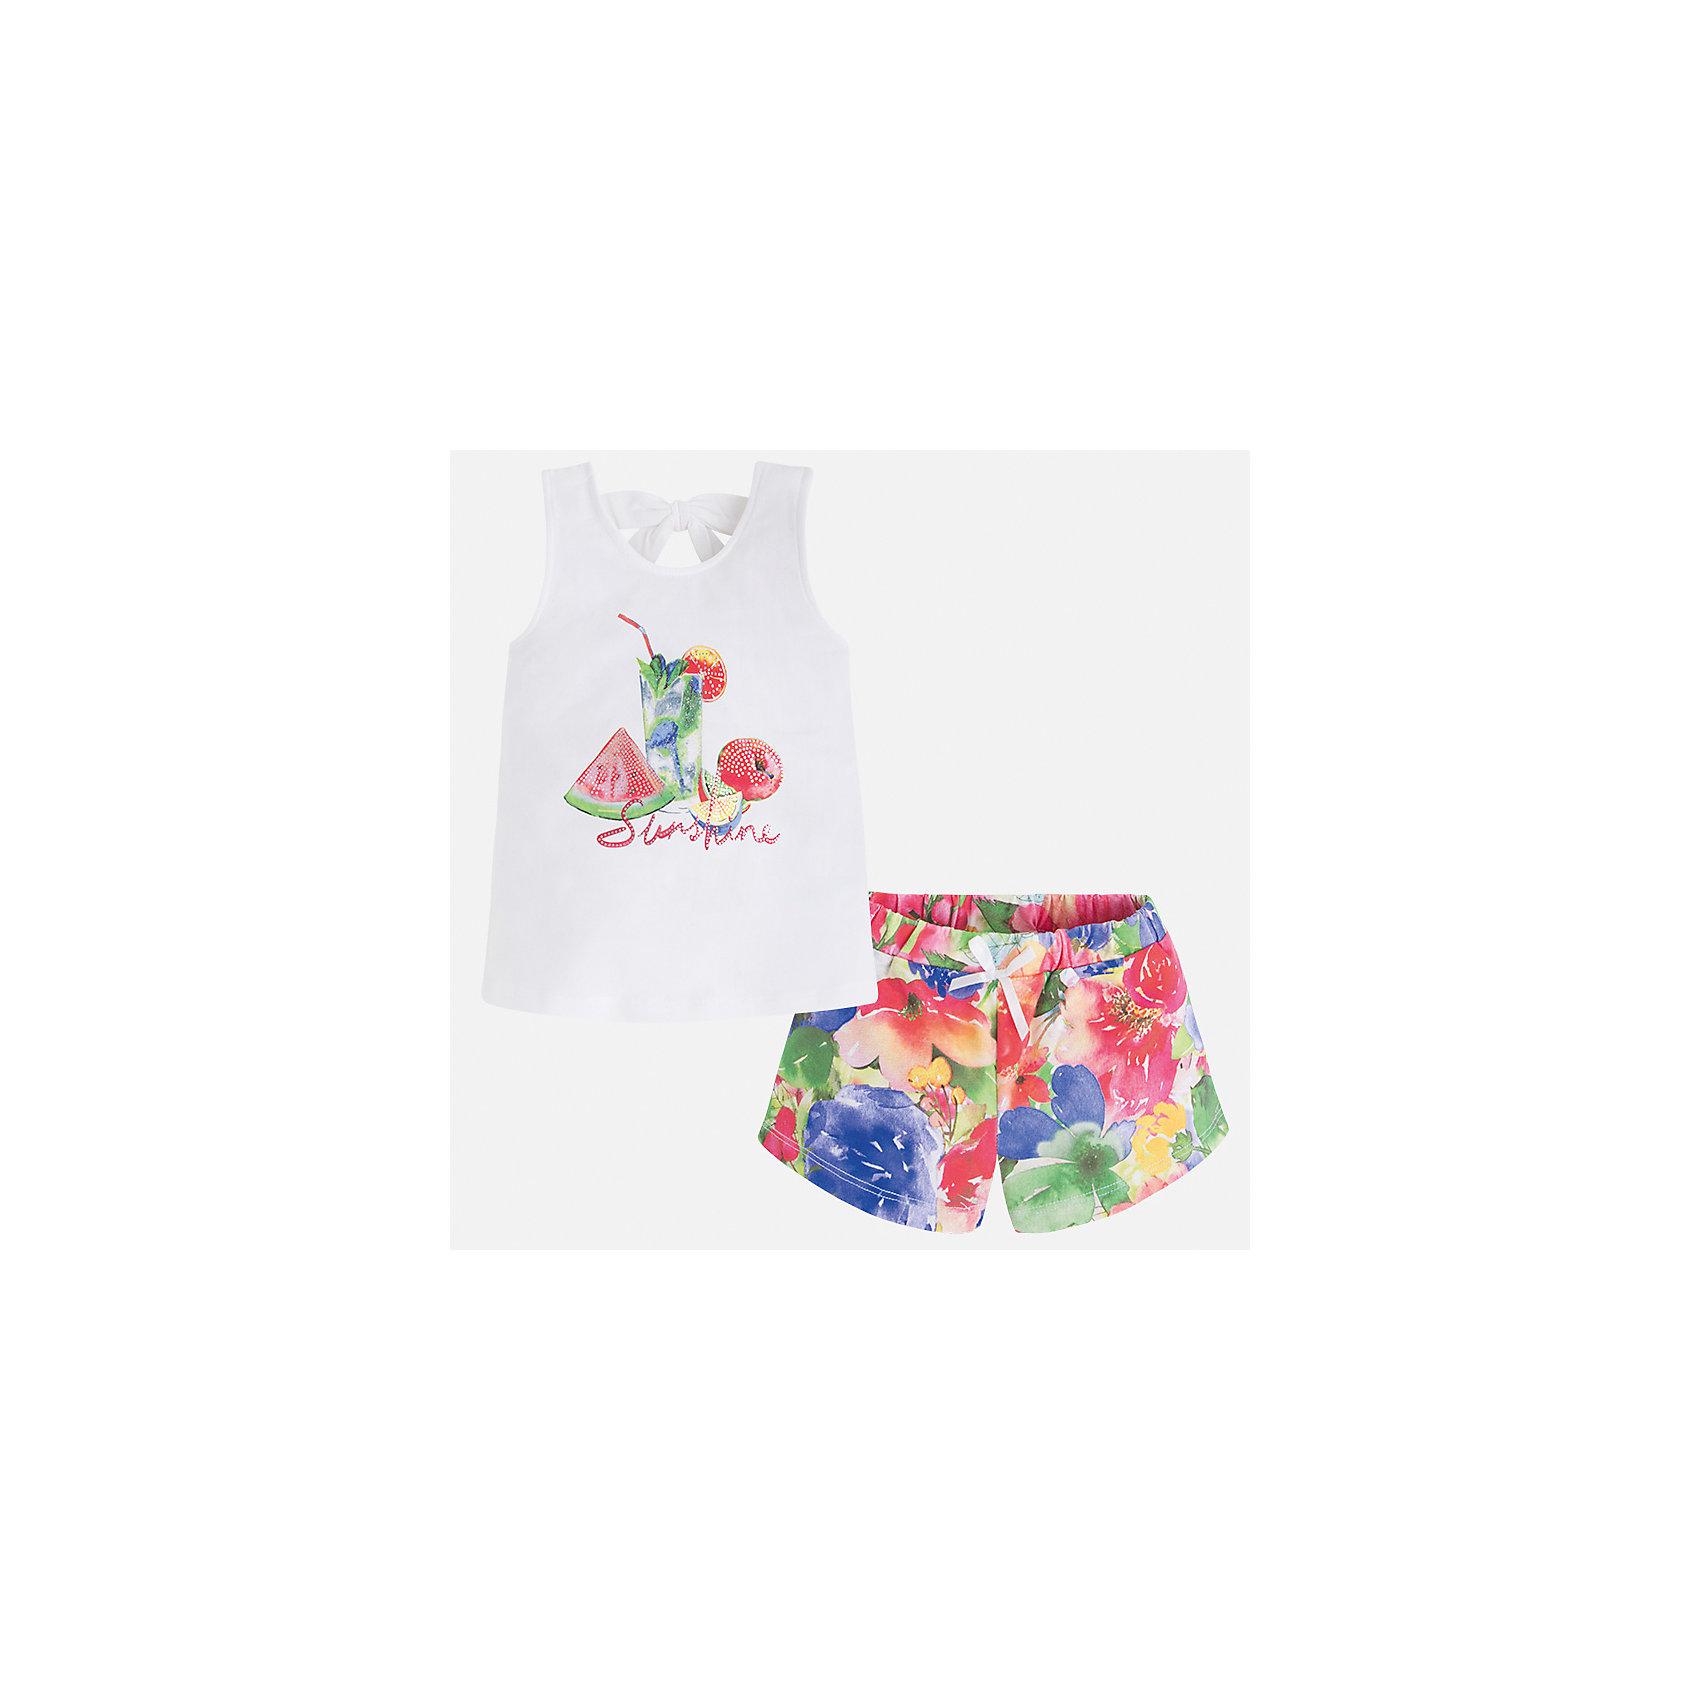 Комплект: футболка и шорты для девочки MayoralКомплекты<br>Характеристики товара:<br><br>• цвет: белый/мультиколор<br>• состав: текстиль<br>• комплектация: майка, шорты<br>• майка декорирована принтом<br>• шорты из материала с принтом<br>• пояс на резинке<br>• страна бренда: Испания<br><br>Стильный качественный комплект для девочки поможет разнообразить гардероб ребенка и удобно одеться в теплую погоду. Он отлично сочетается с другими предметами. Универсальный цвет позволяет подобрать к вещам верхнюю одежду практически любой расцветки. Интересная отделка модели делает её нарядной и оригинальной. В составе материала - натуральный хлопок, гипоаллергенный, приятный на ощупь, дышащий.<br><br>Одежда, обувь и аксессуары от испанского бренда Mayoral полюбились детям и взрослым по всему миру. Модели этой марки - стильные и удобные. Для их производства используются только безопасные, качественные материалы и фурнитура. Порадуйте ребенка модными и красивыми вещами от Mayoral! <br><br>Комплект для девочки от испанского бренда Mayoral (Майорал) можно купить в нашем интернет-магазине.<br><br>Ширина мм: 191<br>Глубина мм: 10<br>Высота мм: 175<br>Вес г: 273<br>Цвет: красный<br>Возраст от месяцев: 96<br>Возраст до месяцев: 108<br>Пол: Женский<br>Возраст: Детский<br>Размер: 134,92,98,104,110,116,122,128<br>SKU: 5289902